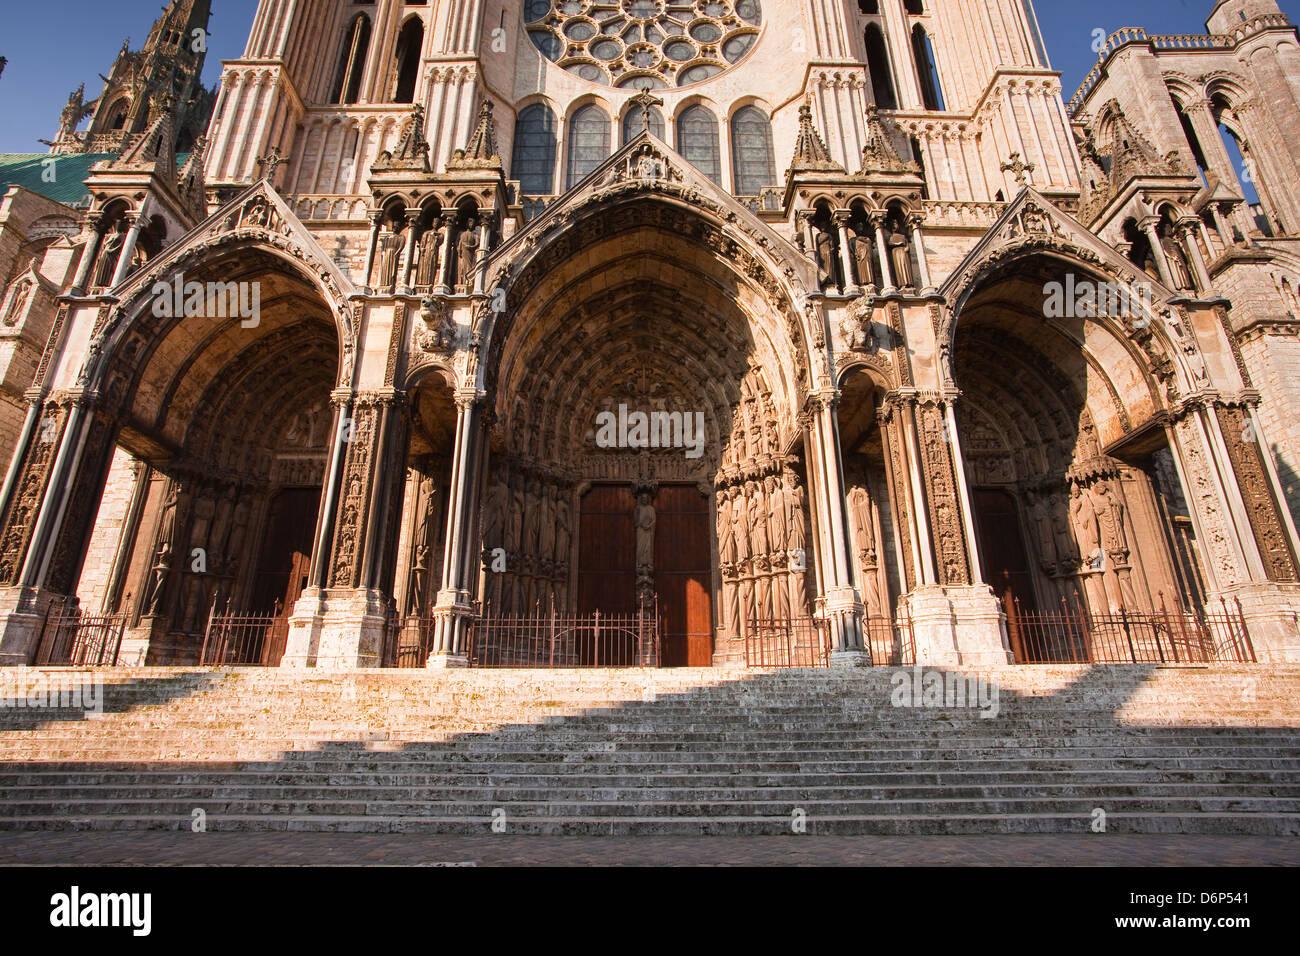 Das Südportal der Kathedrale von Chartres, UNESCO-Weltkulturerbe, Chartres, Eure-et-Loir, Centre, Frankreich, Stockbild